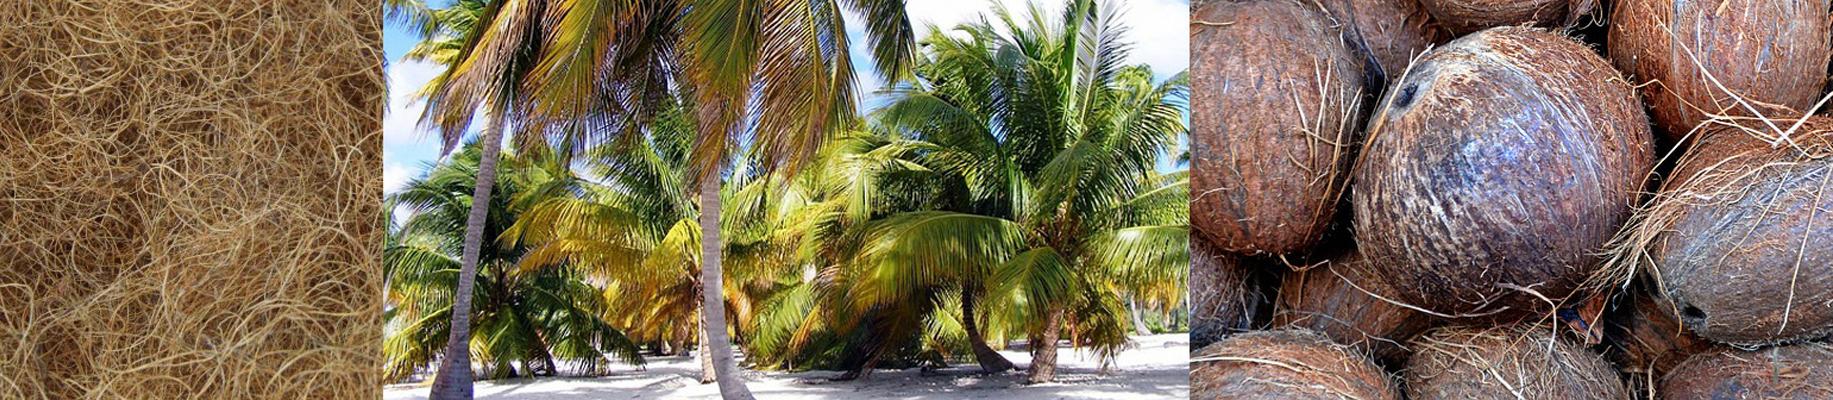 Kokos-Panorama.jpg